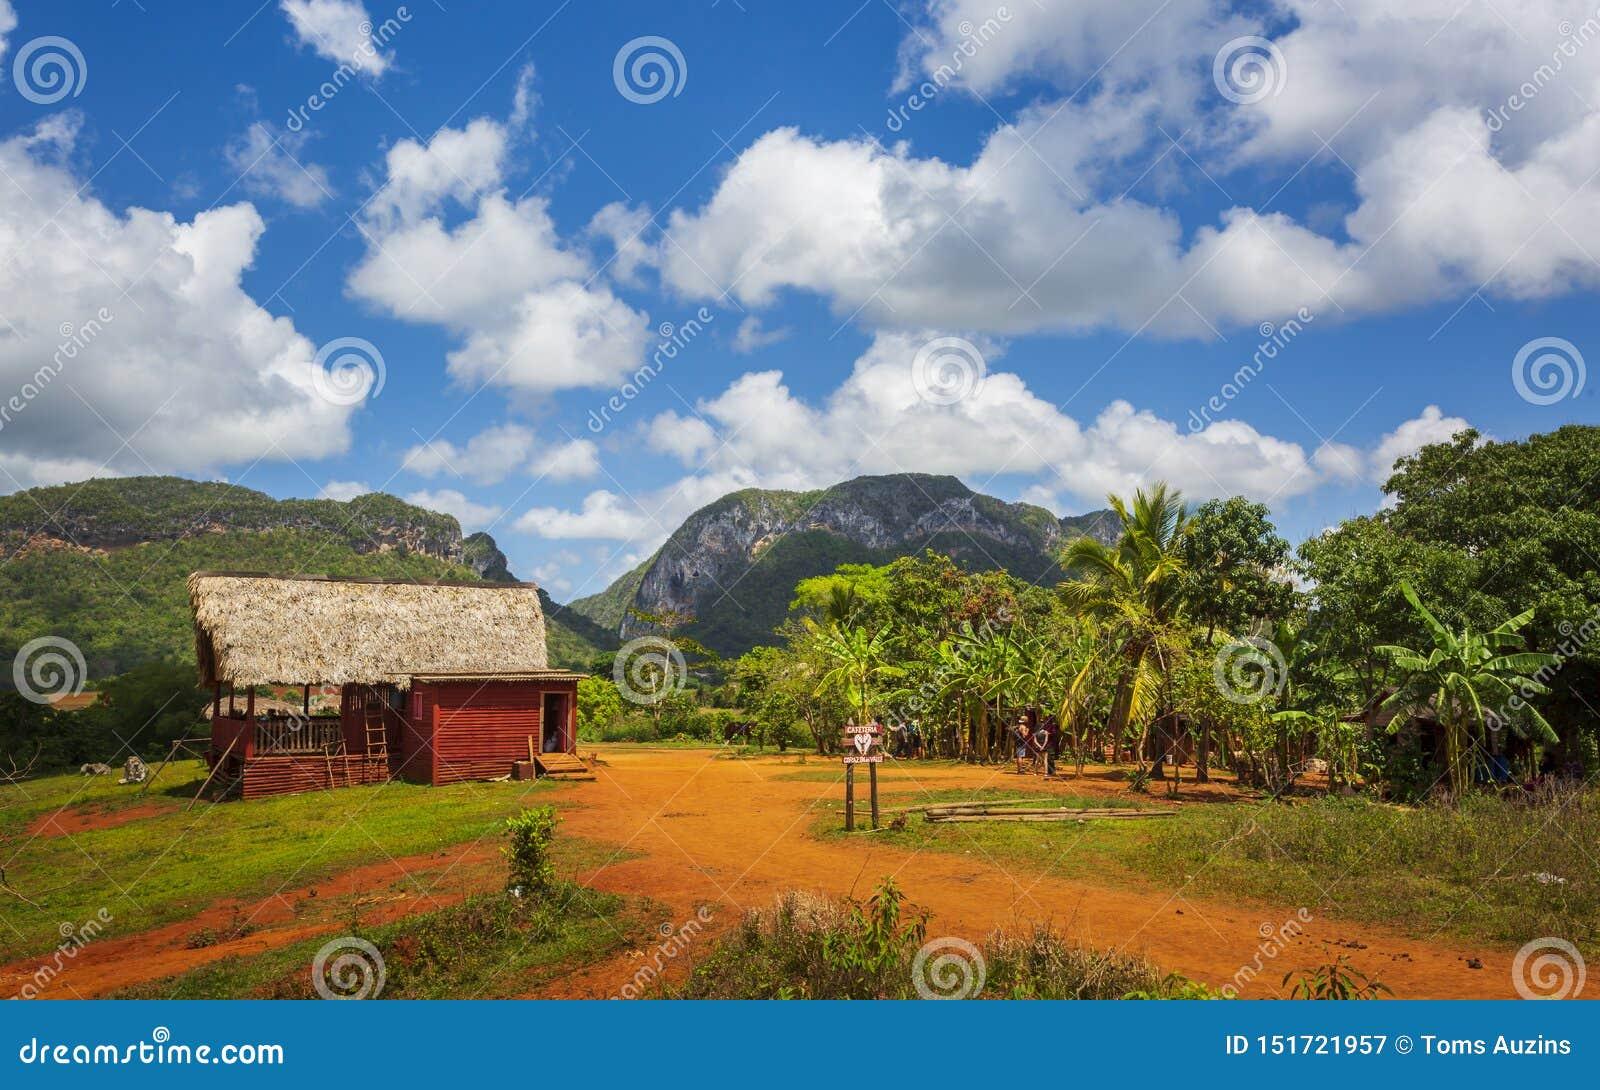 Parque nacional de Vinales, la UNESCO, Pinar del Rio Province, Cuba, las Antillas, el Caribe, America Central